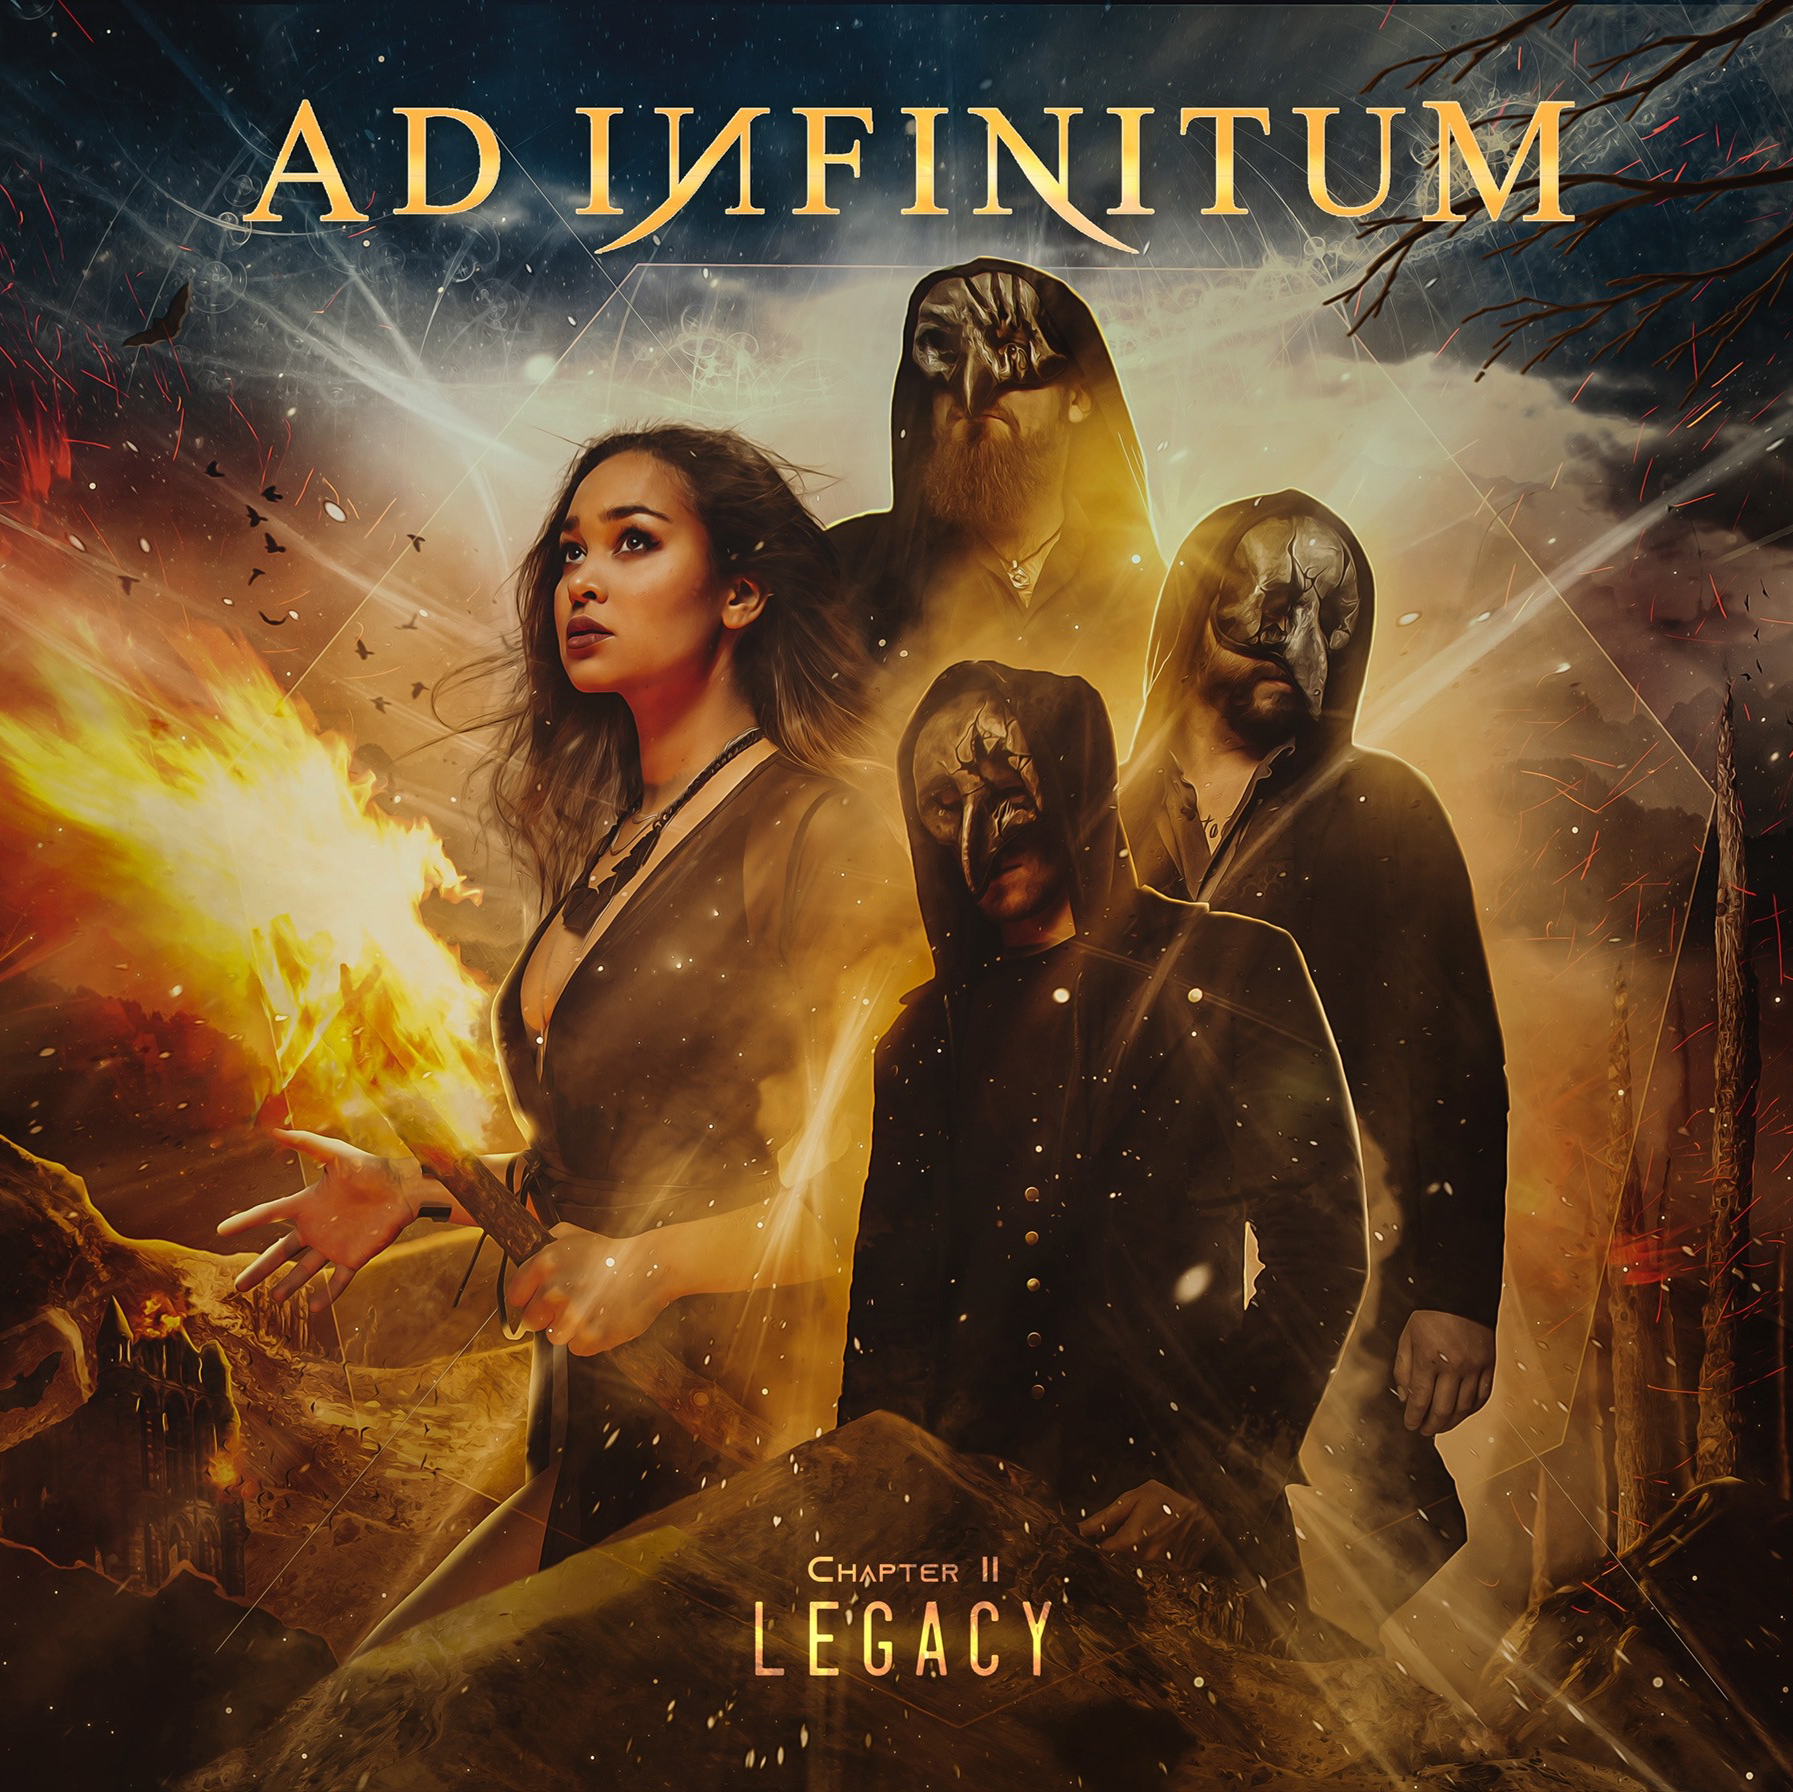 AD INFINITUM album